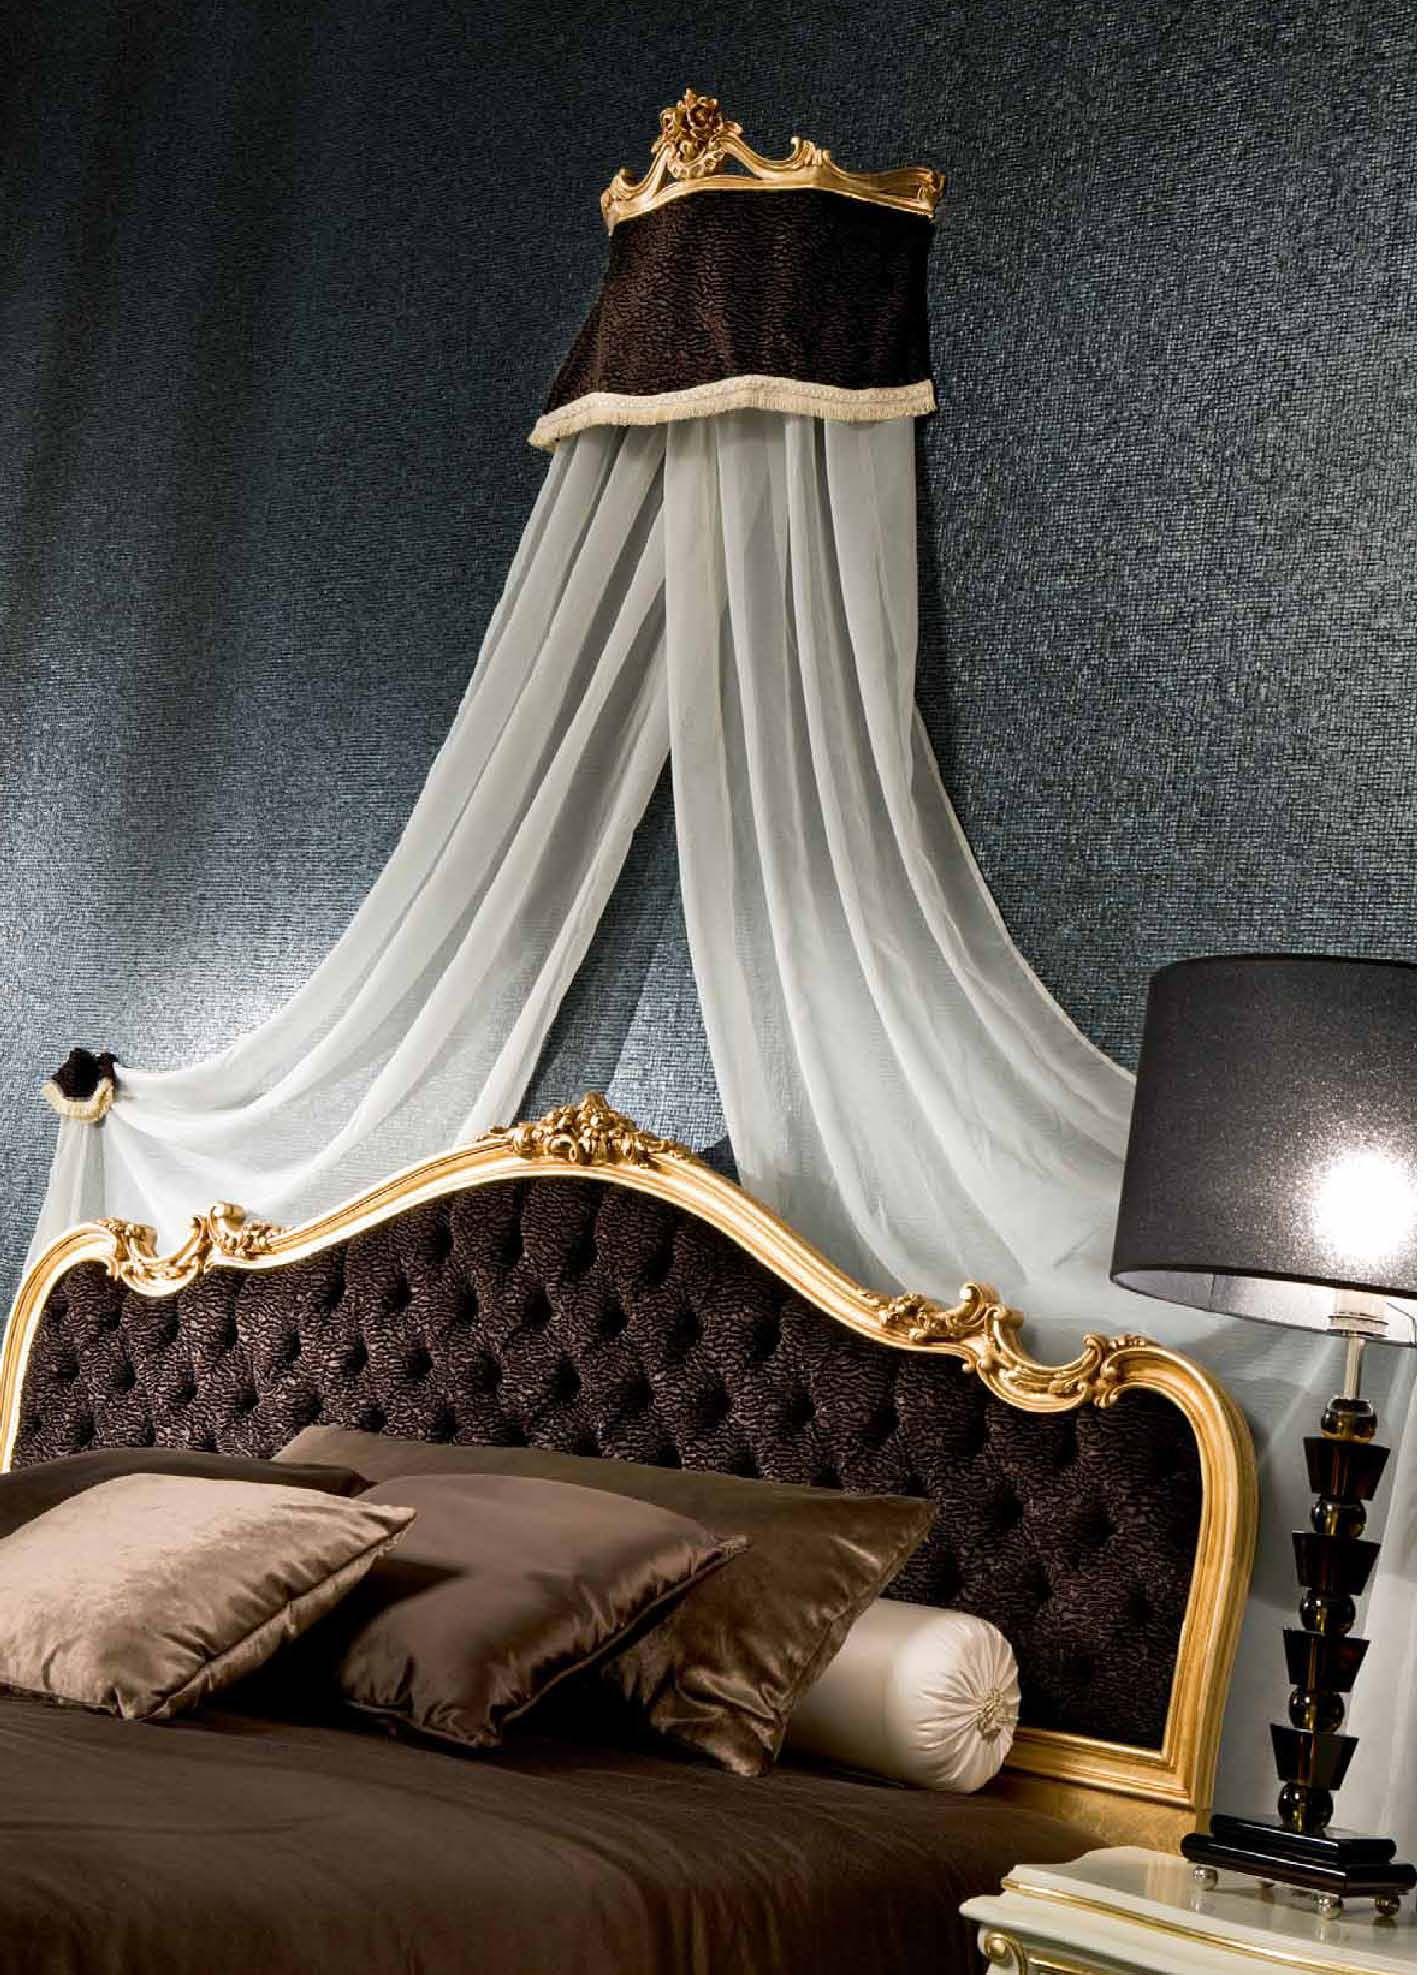 Luxus möbel   luxus schlafzimmer serie silik aseadie möbel aus ...